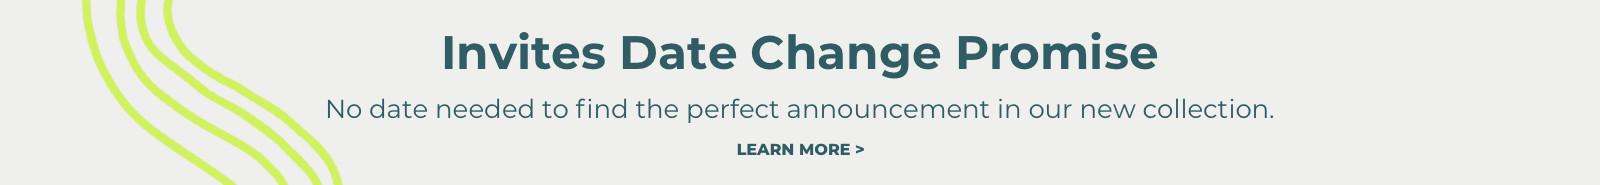 Invite_Date_Change